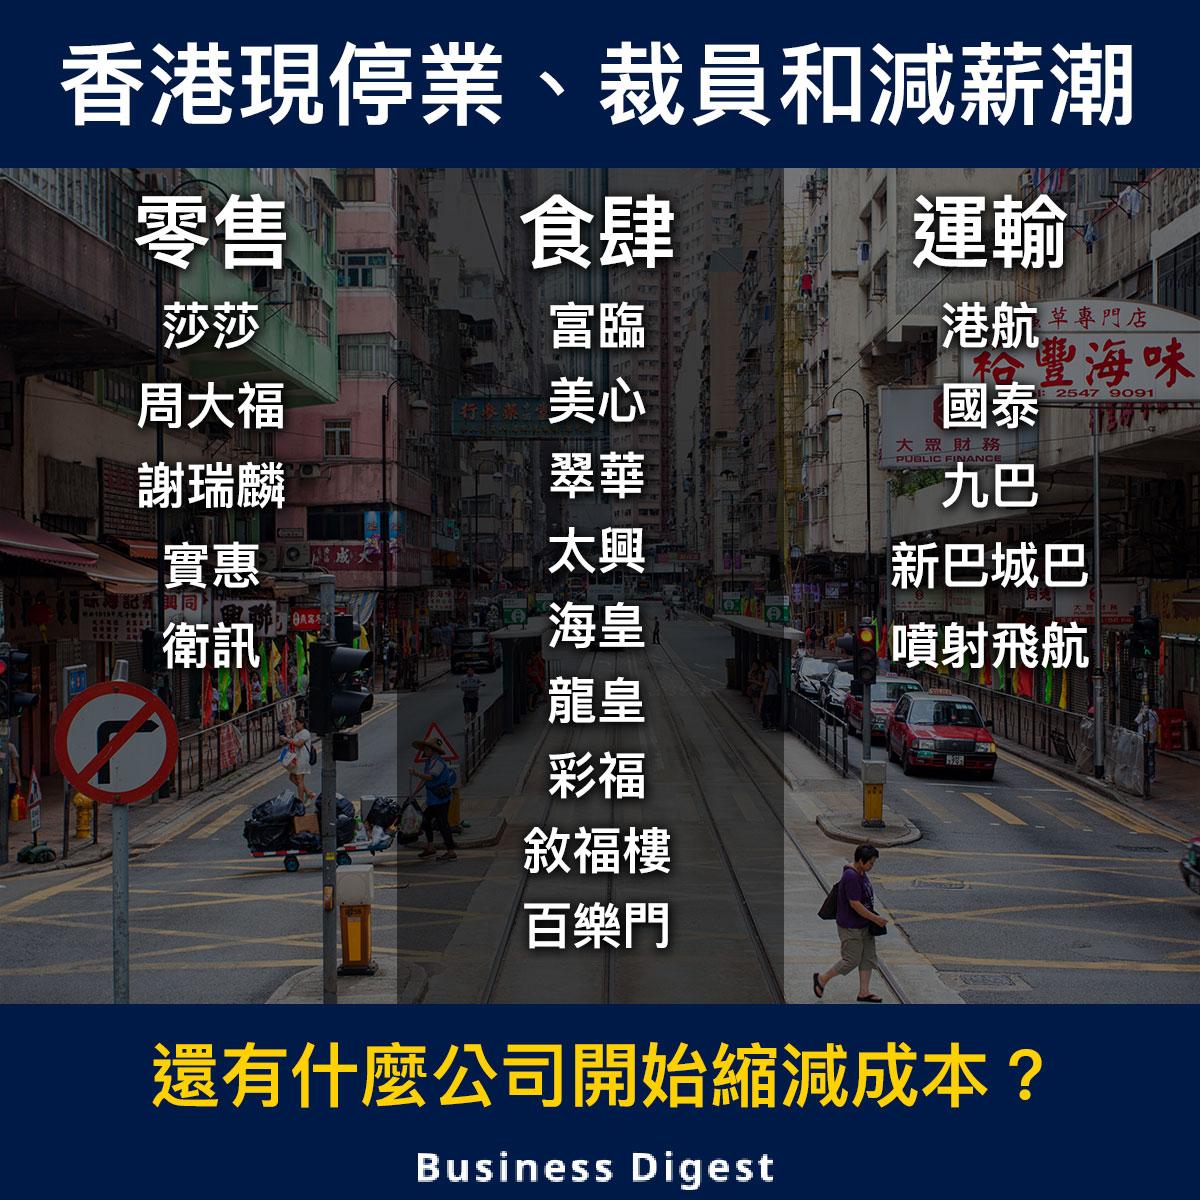 【商業熱話】香港現停業、裁員和減薪潮